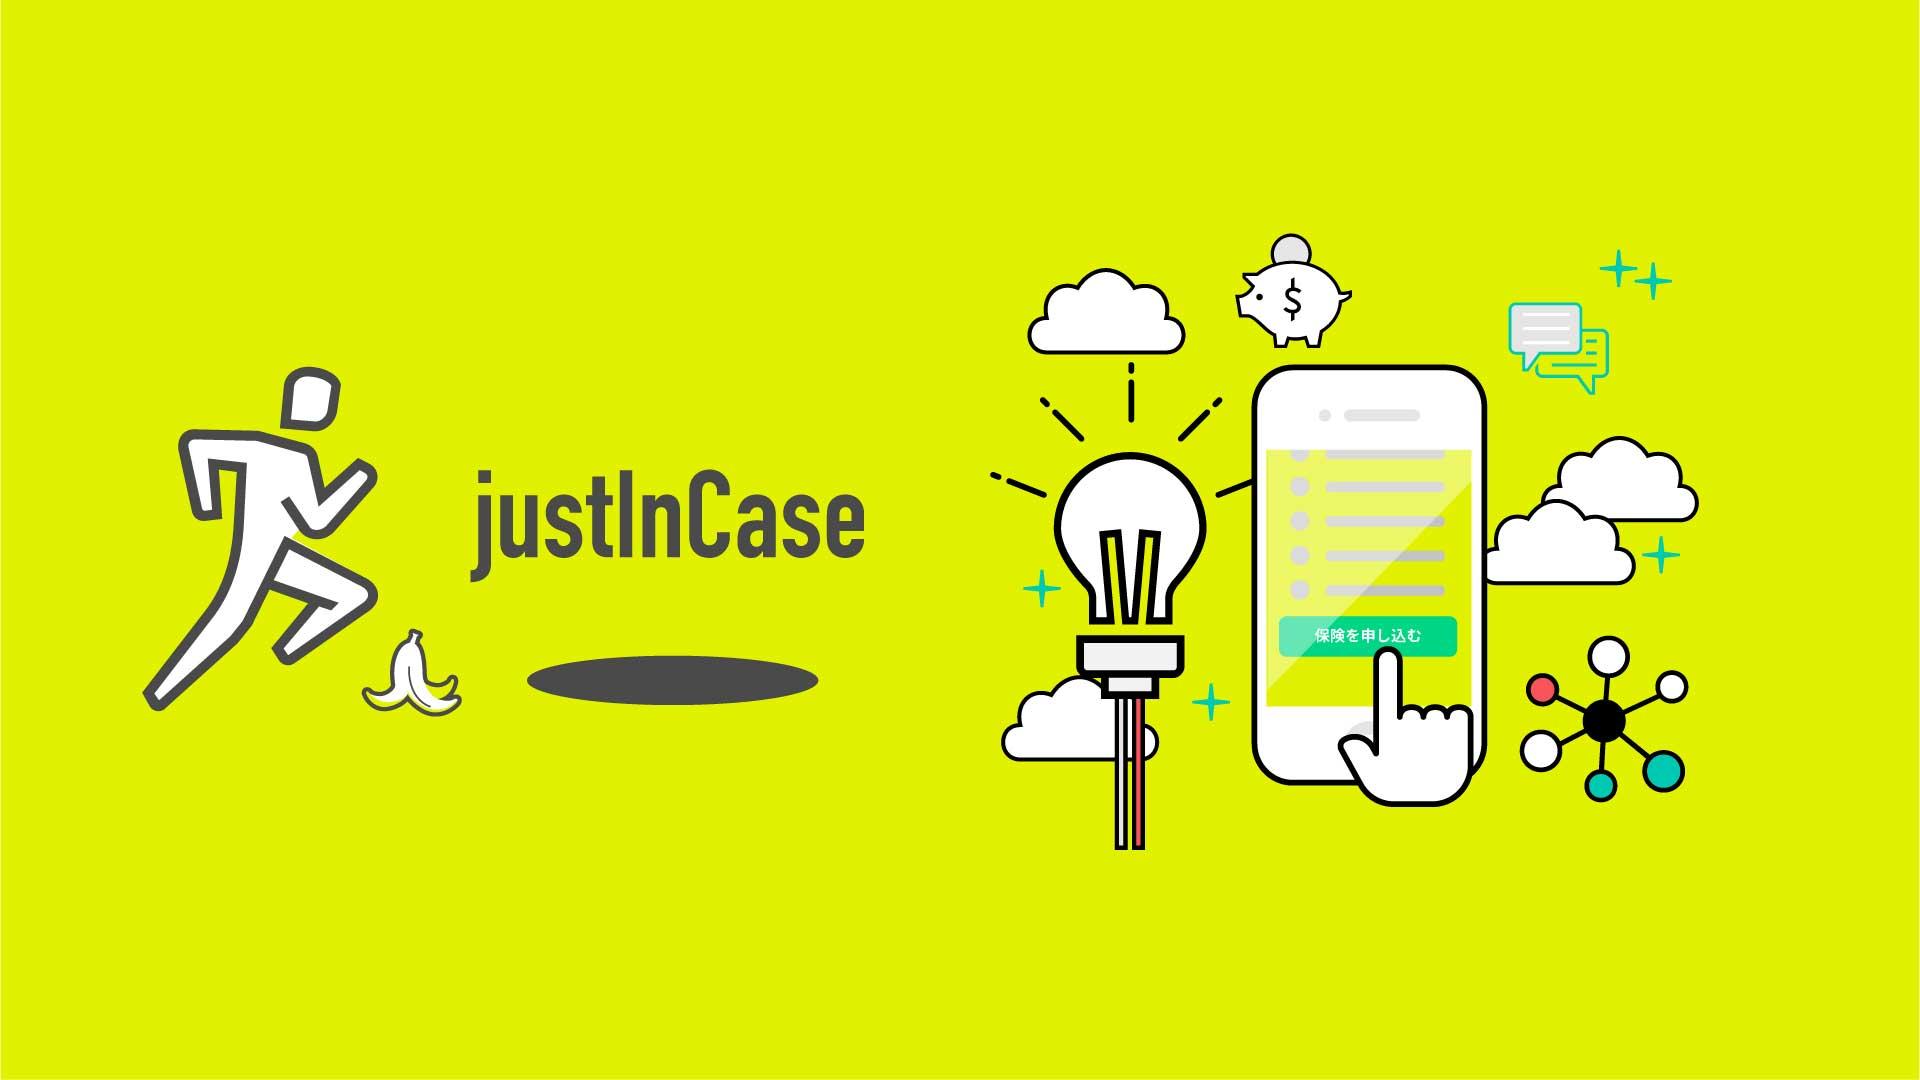 justincaseの意味や使い方、社名の由来を紹介